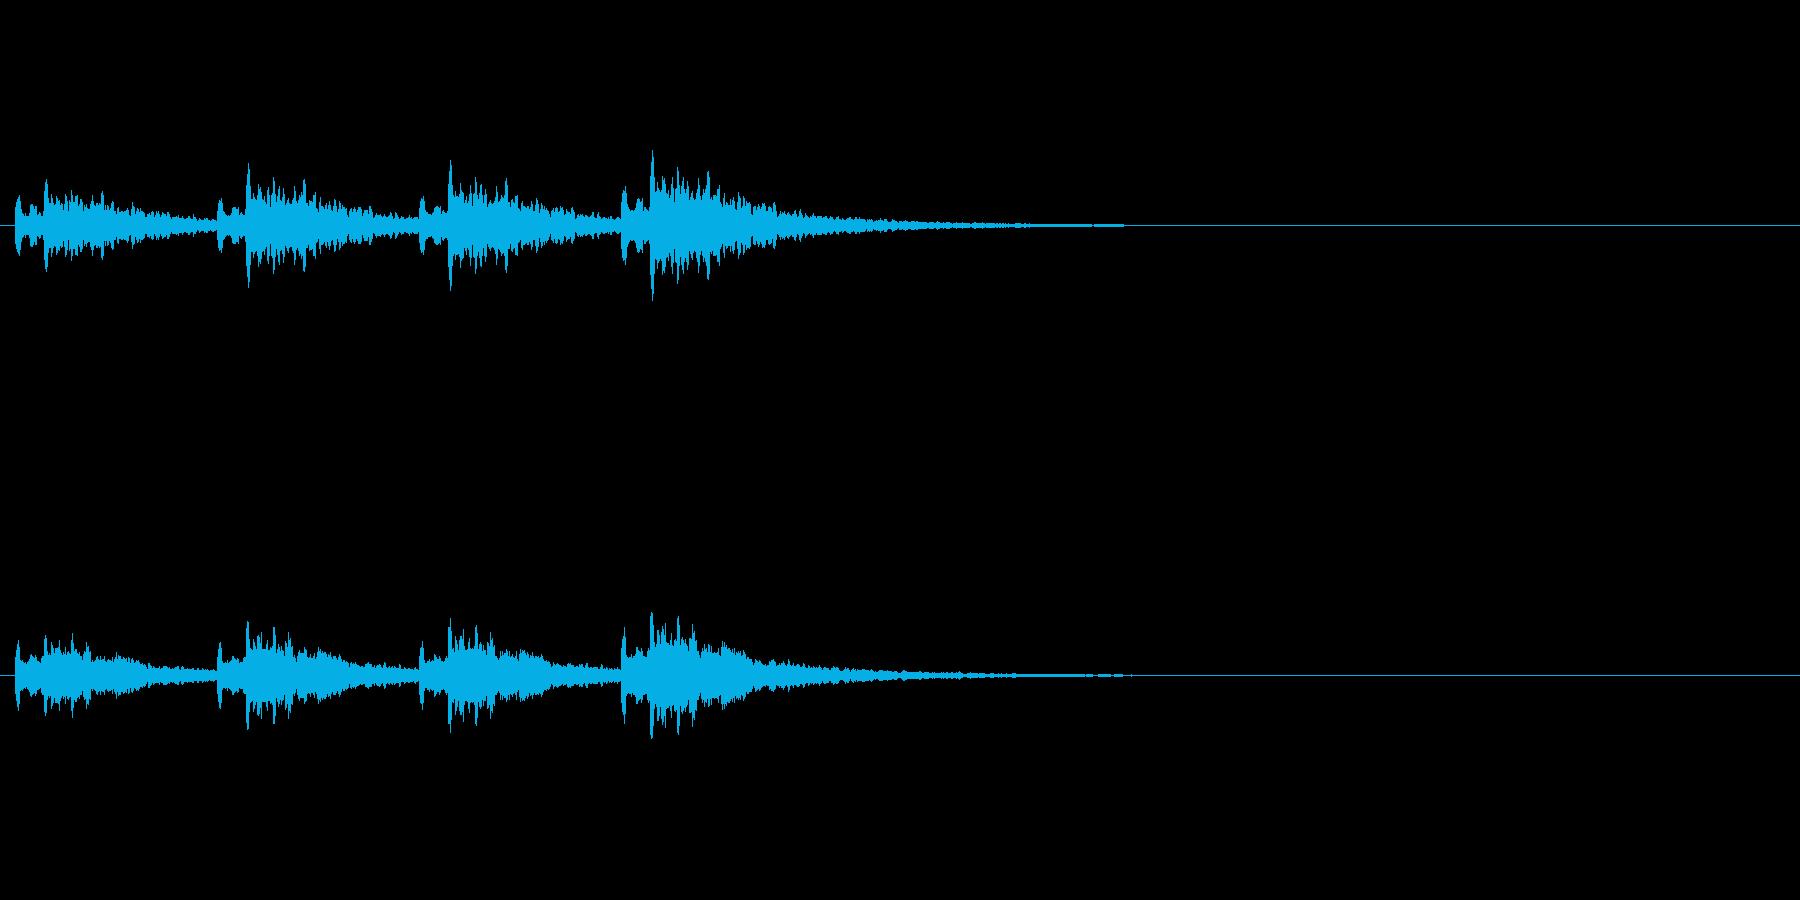 アラーム・お知らせ効果音の再生済みの波形